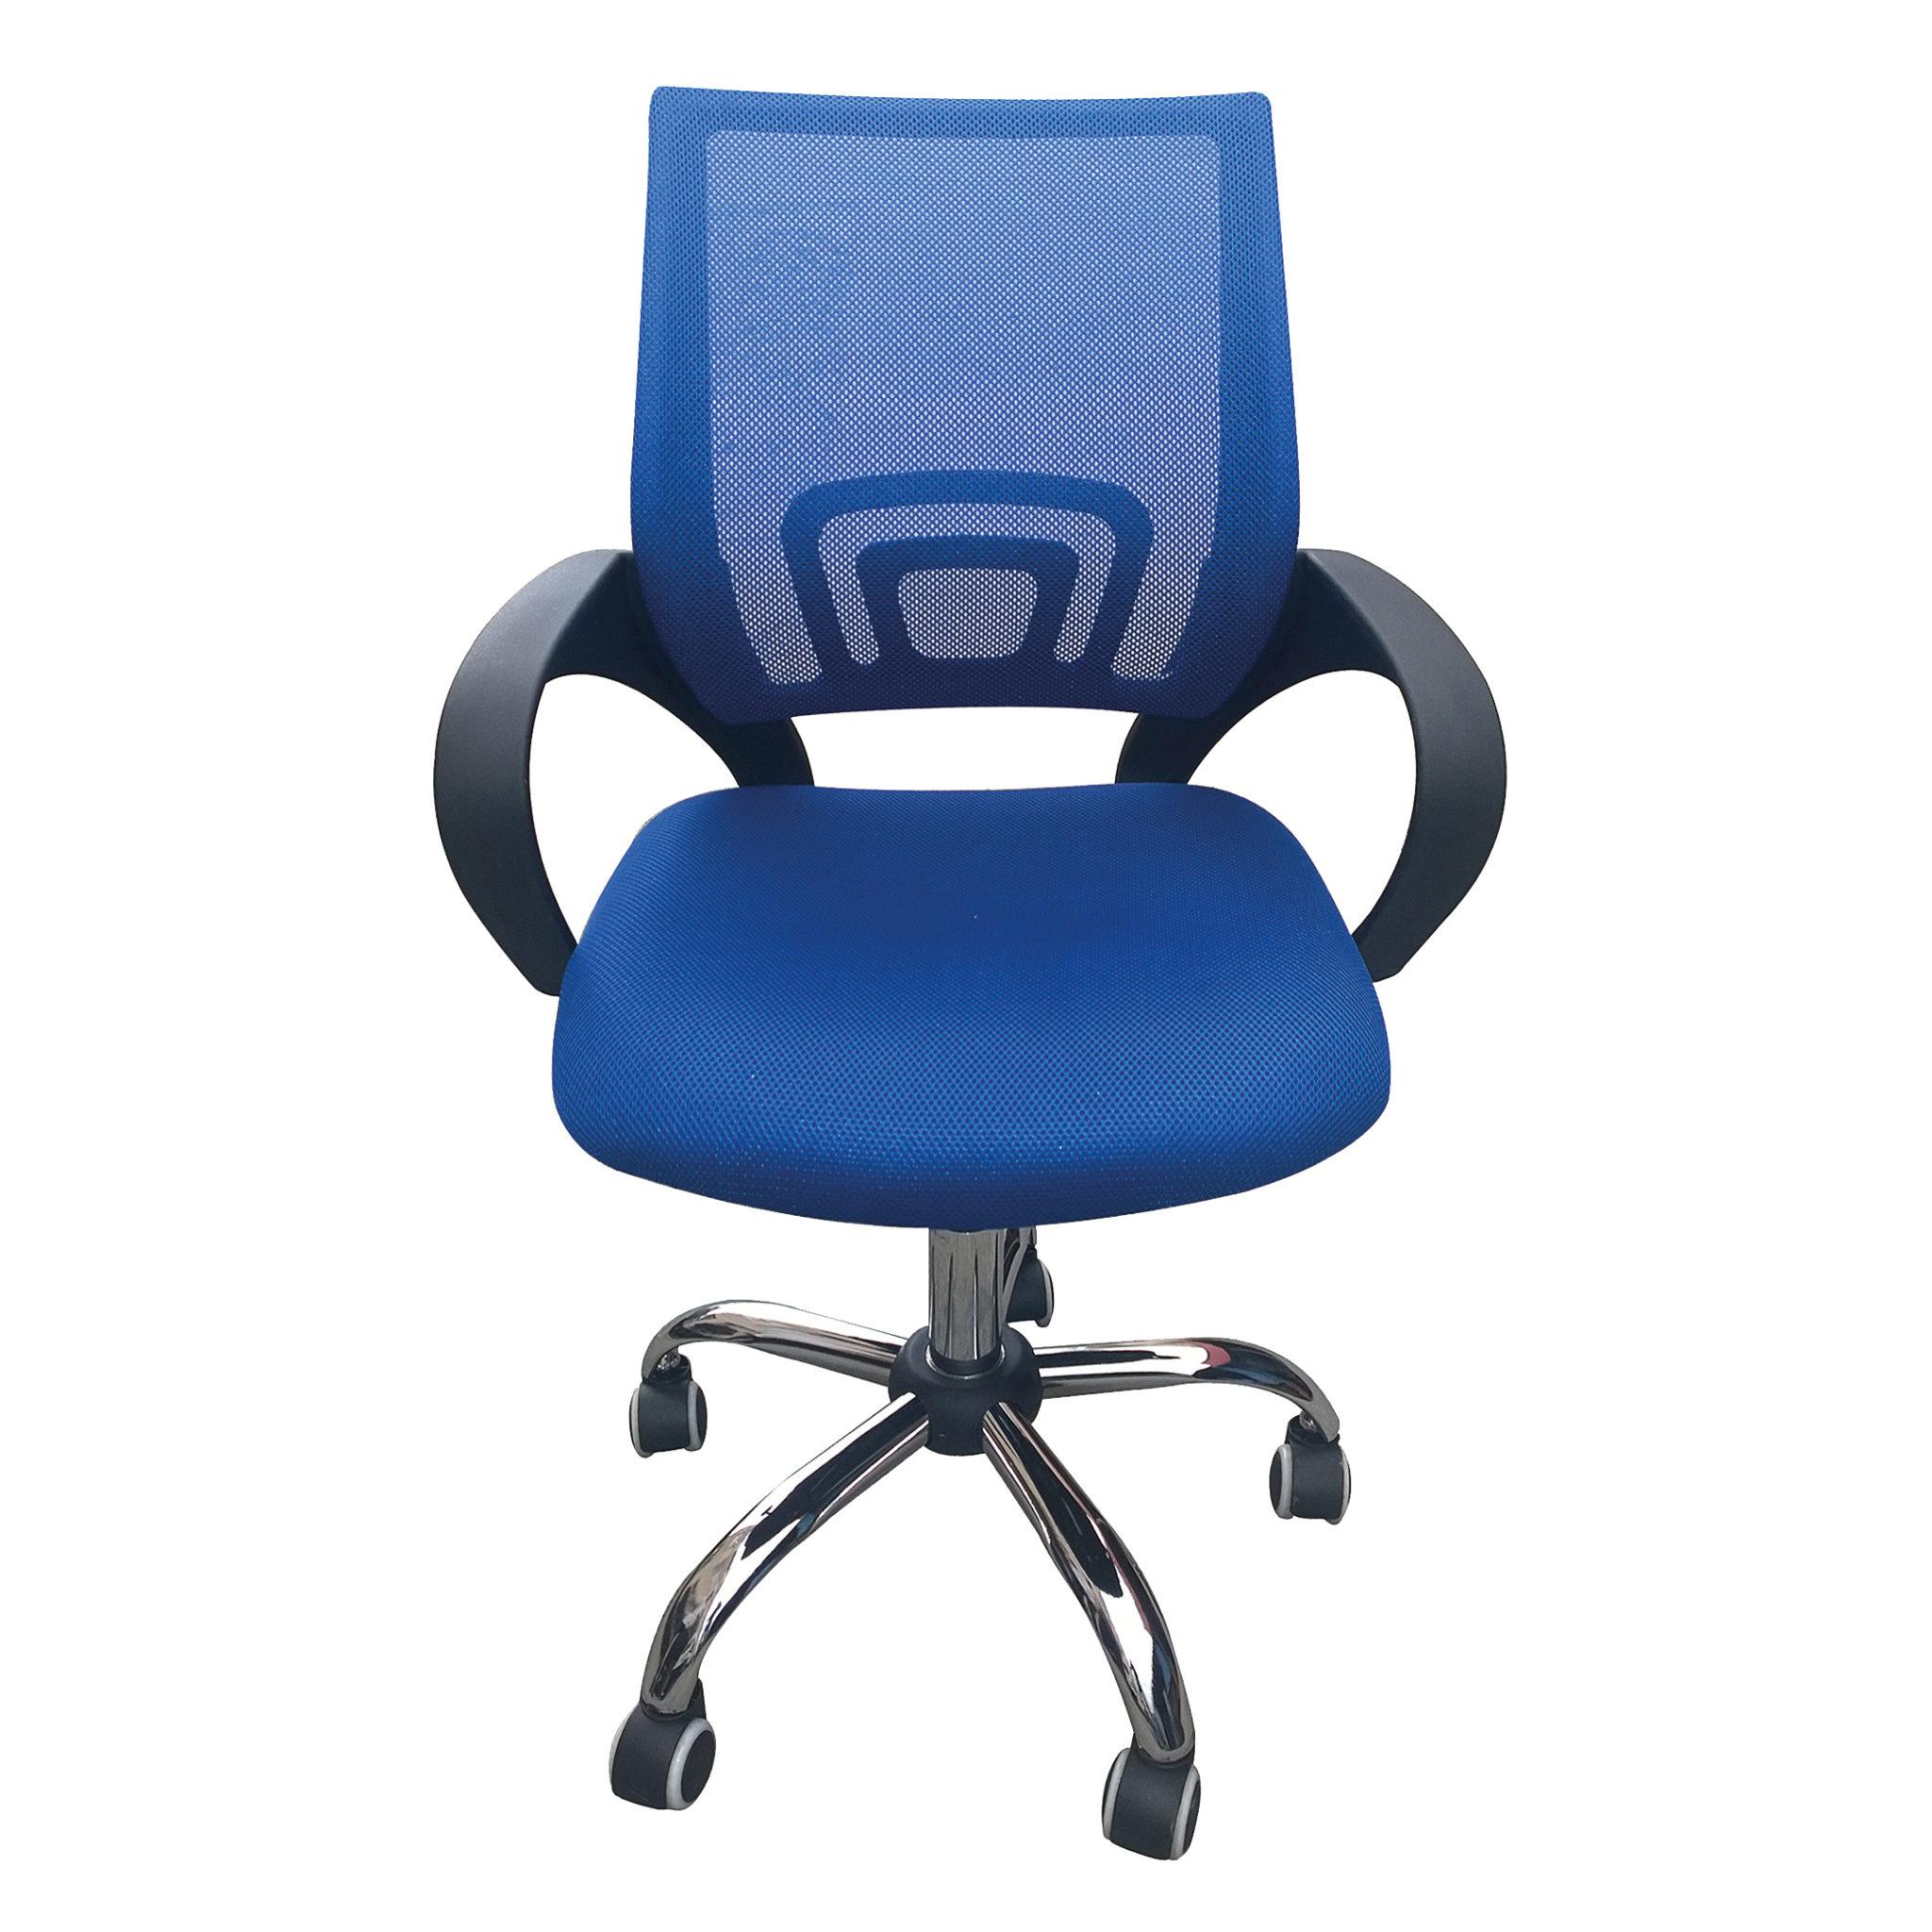 Eastner Mesh Back Office Chair Blue